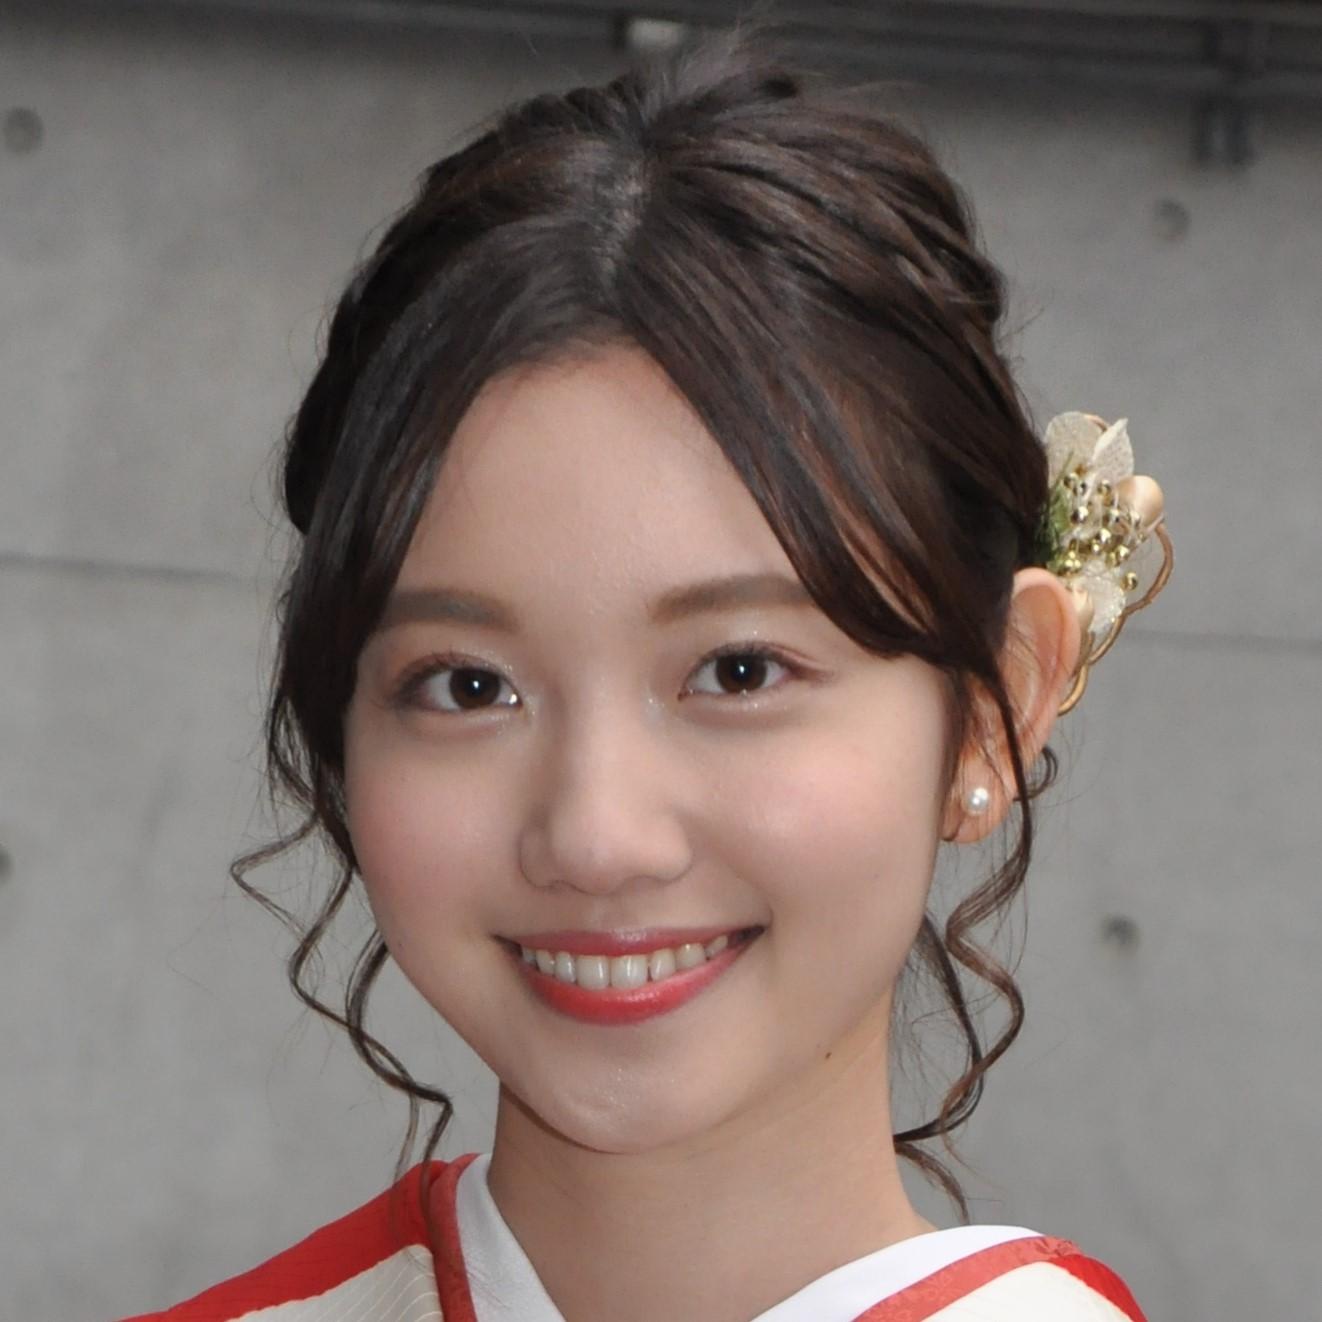 「令和デビュー」女子アナの注目株!テレ東・田中瞳は漫画誌の巻頭を飾った美貌